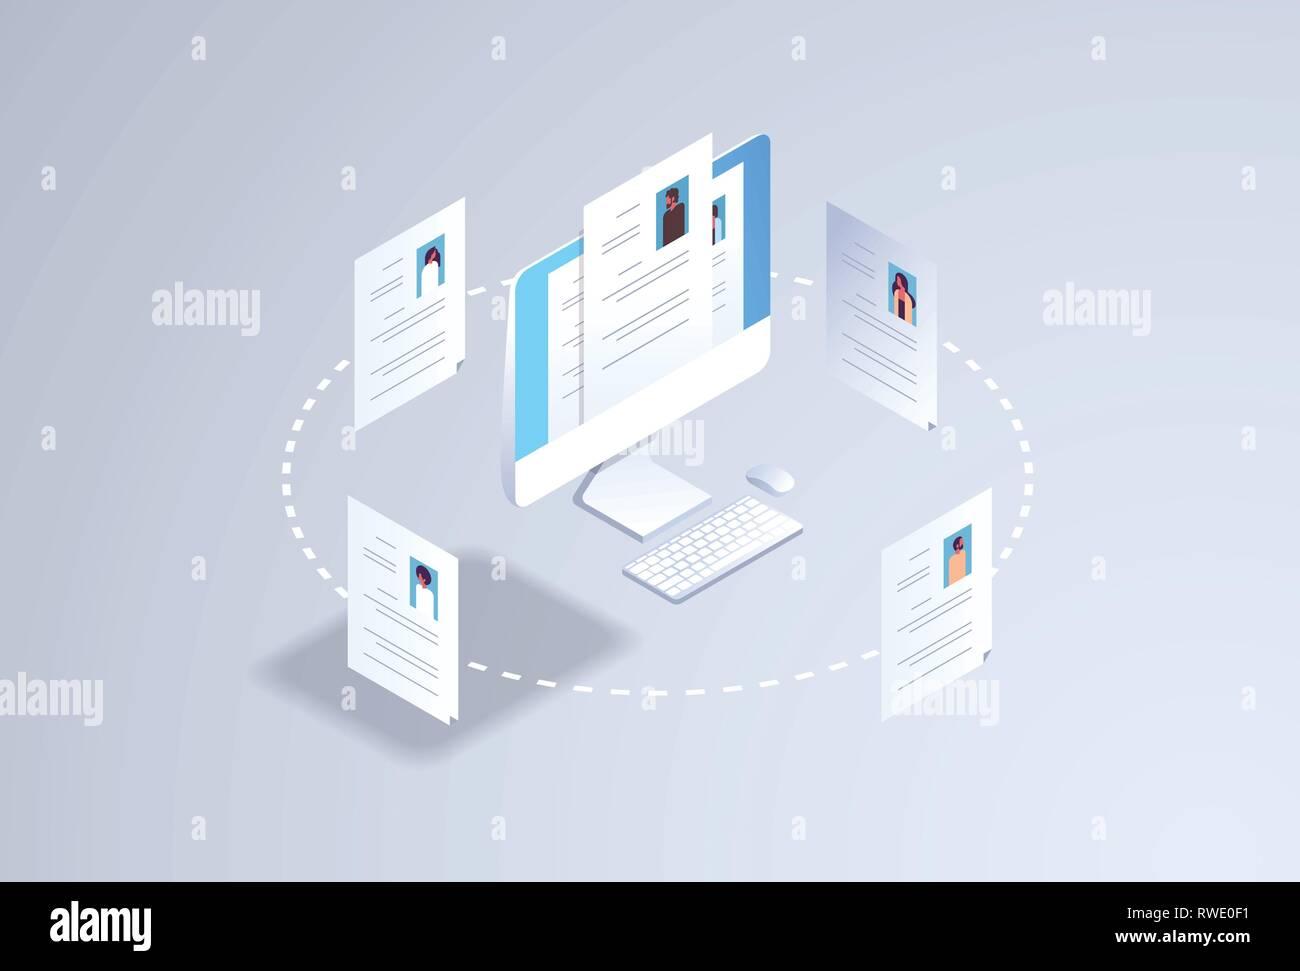 Curriculum vitae Rekrutierung Kandidat Job Position hr Personal Einstellung Konzept Lebenslauf Lebenslauf Profil auf dem Computer Monitor Bildschirm 3d-isometrische flach Stockbild